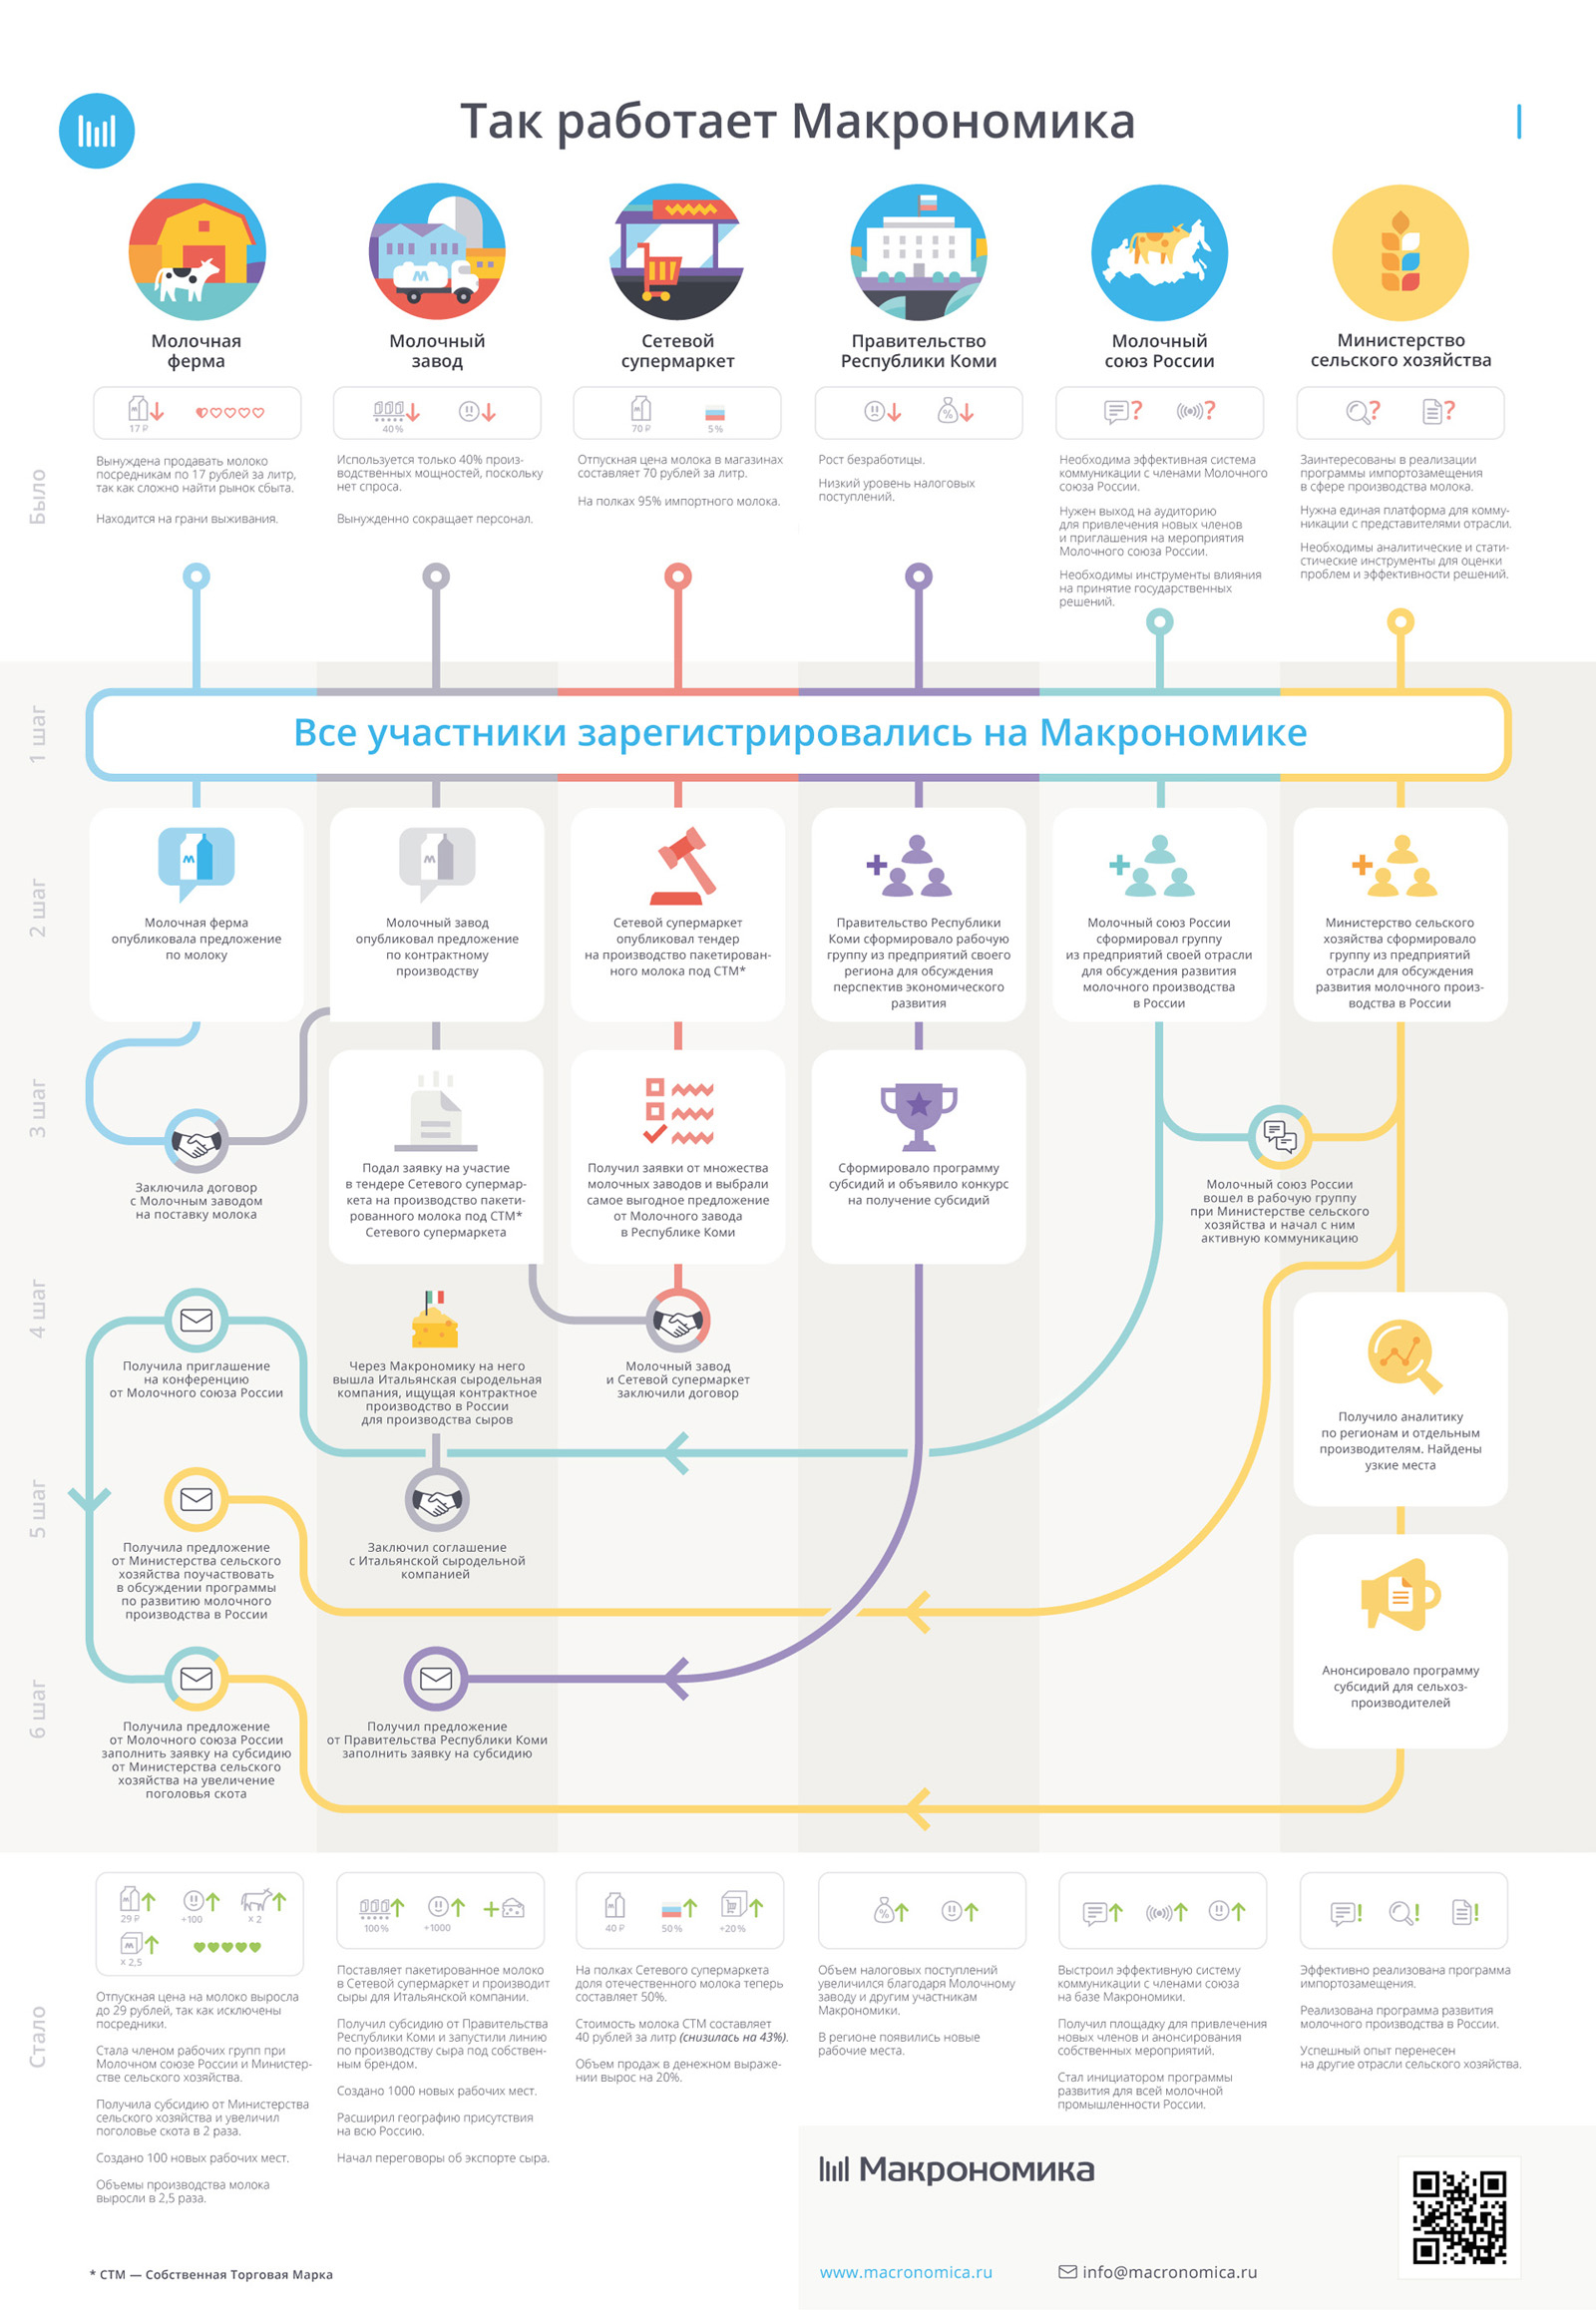 Детальные инфографики доступно объясняют принципы функционирования поисковой системы. Дизайн фирменного стиля также разработало брендинговое агентство Brandexpert «Остров Свободы»